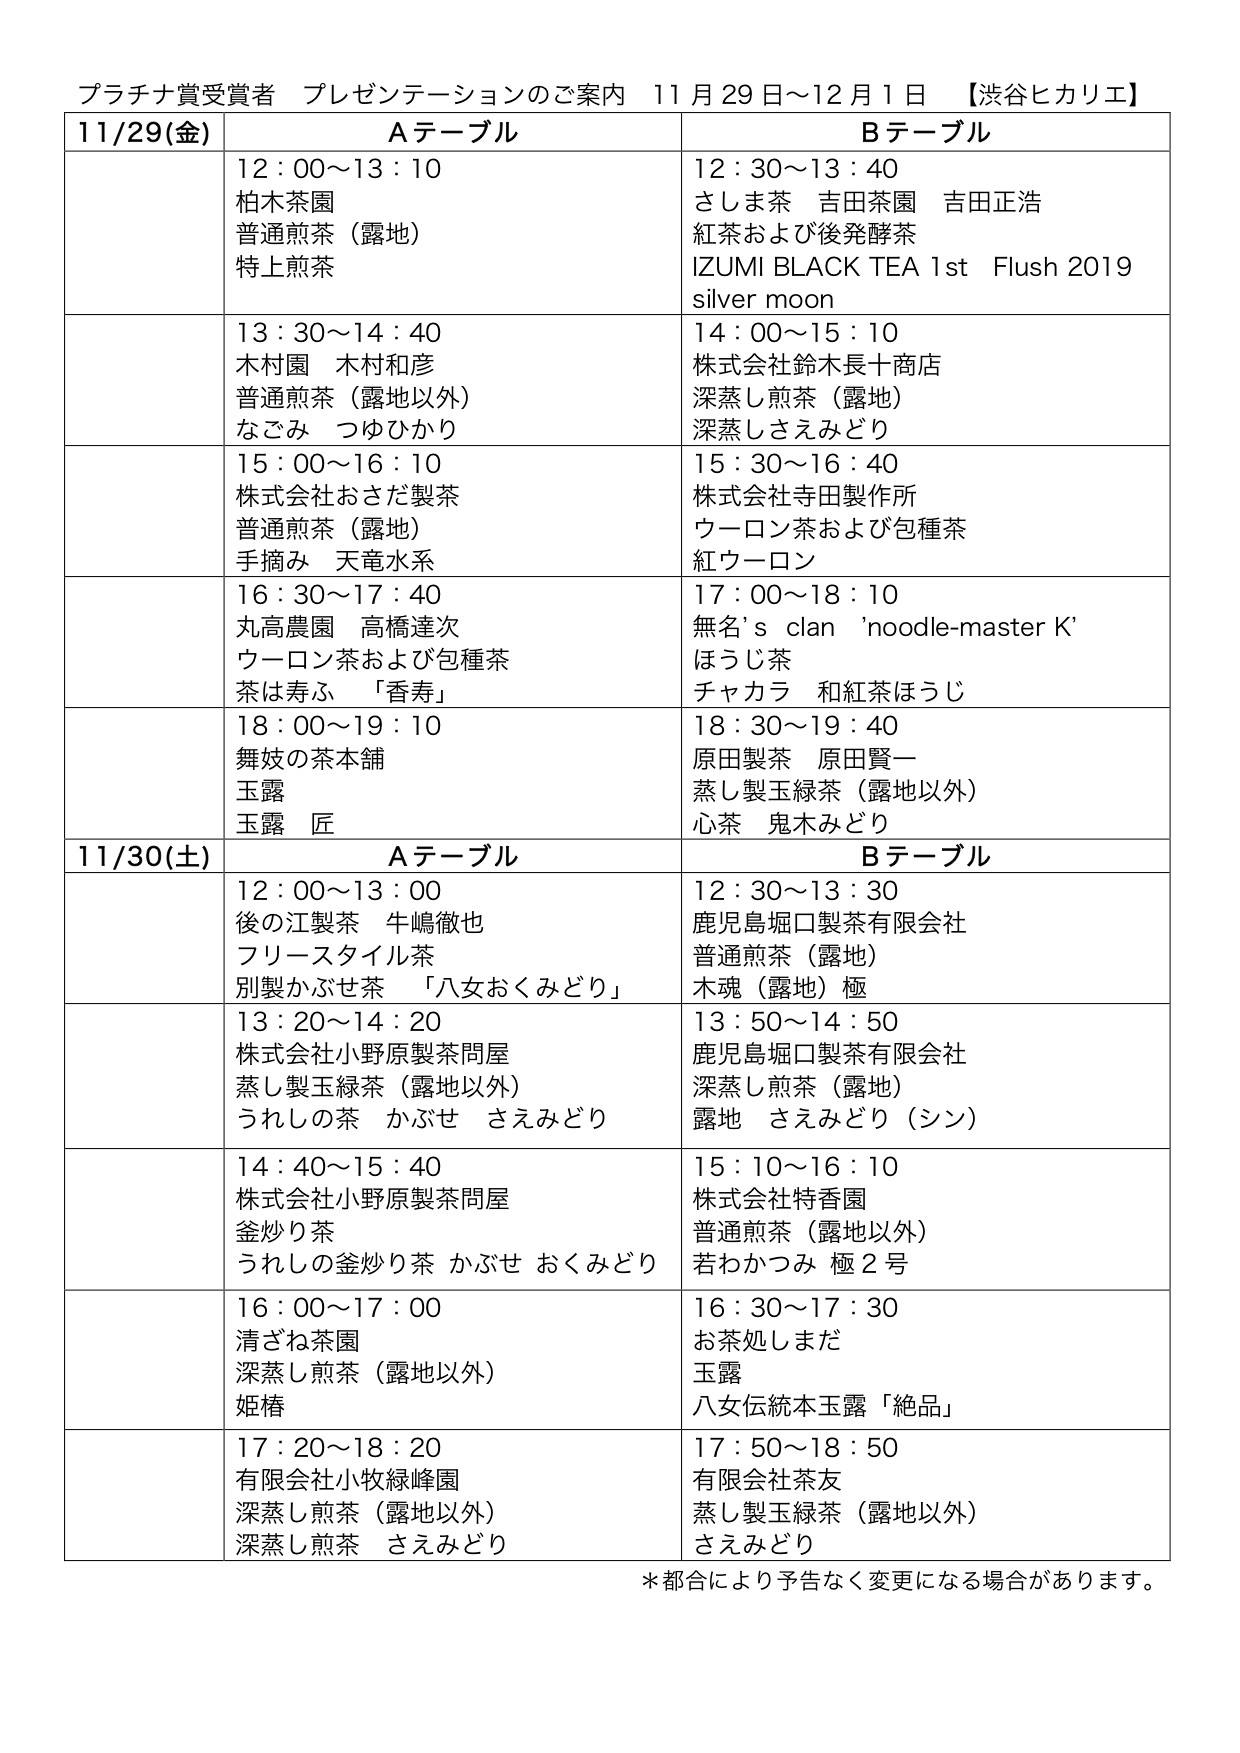 日本茶アワードプレゼンテーションタイムテーブル